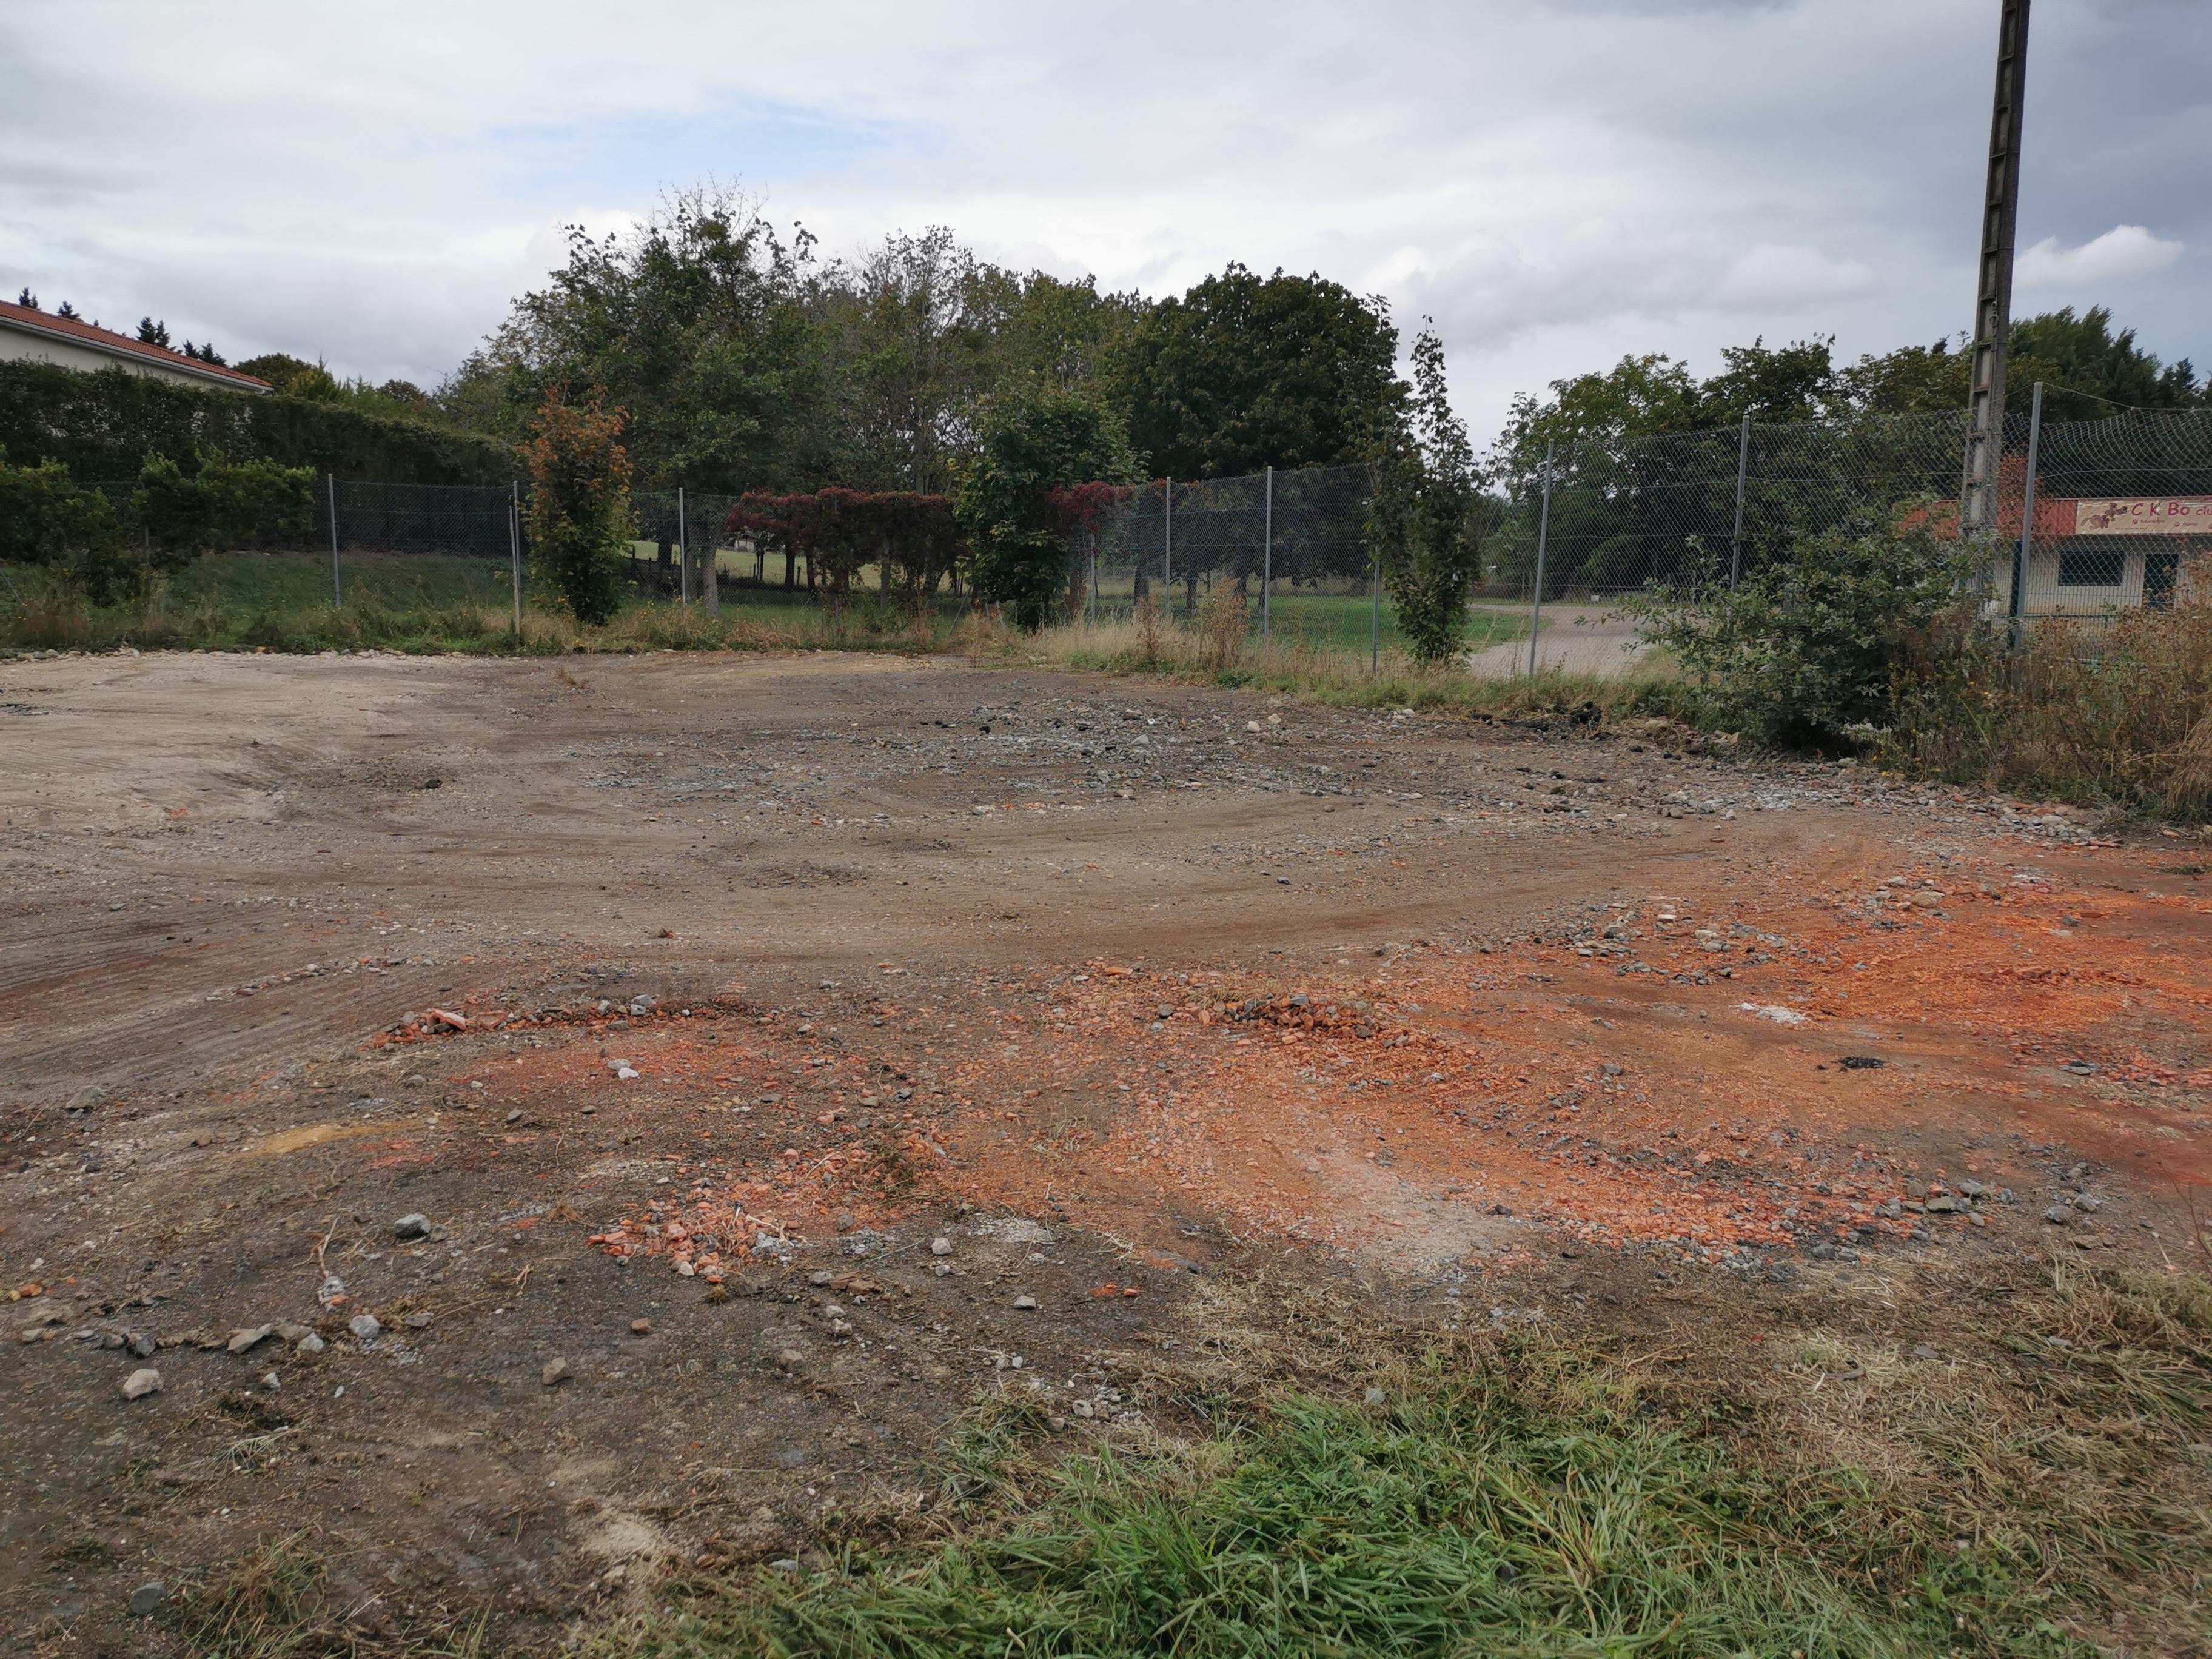 terrain tennis 24 sept.jpg